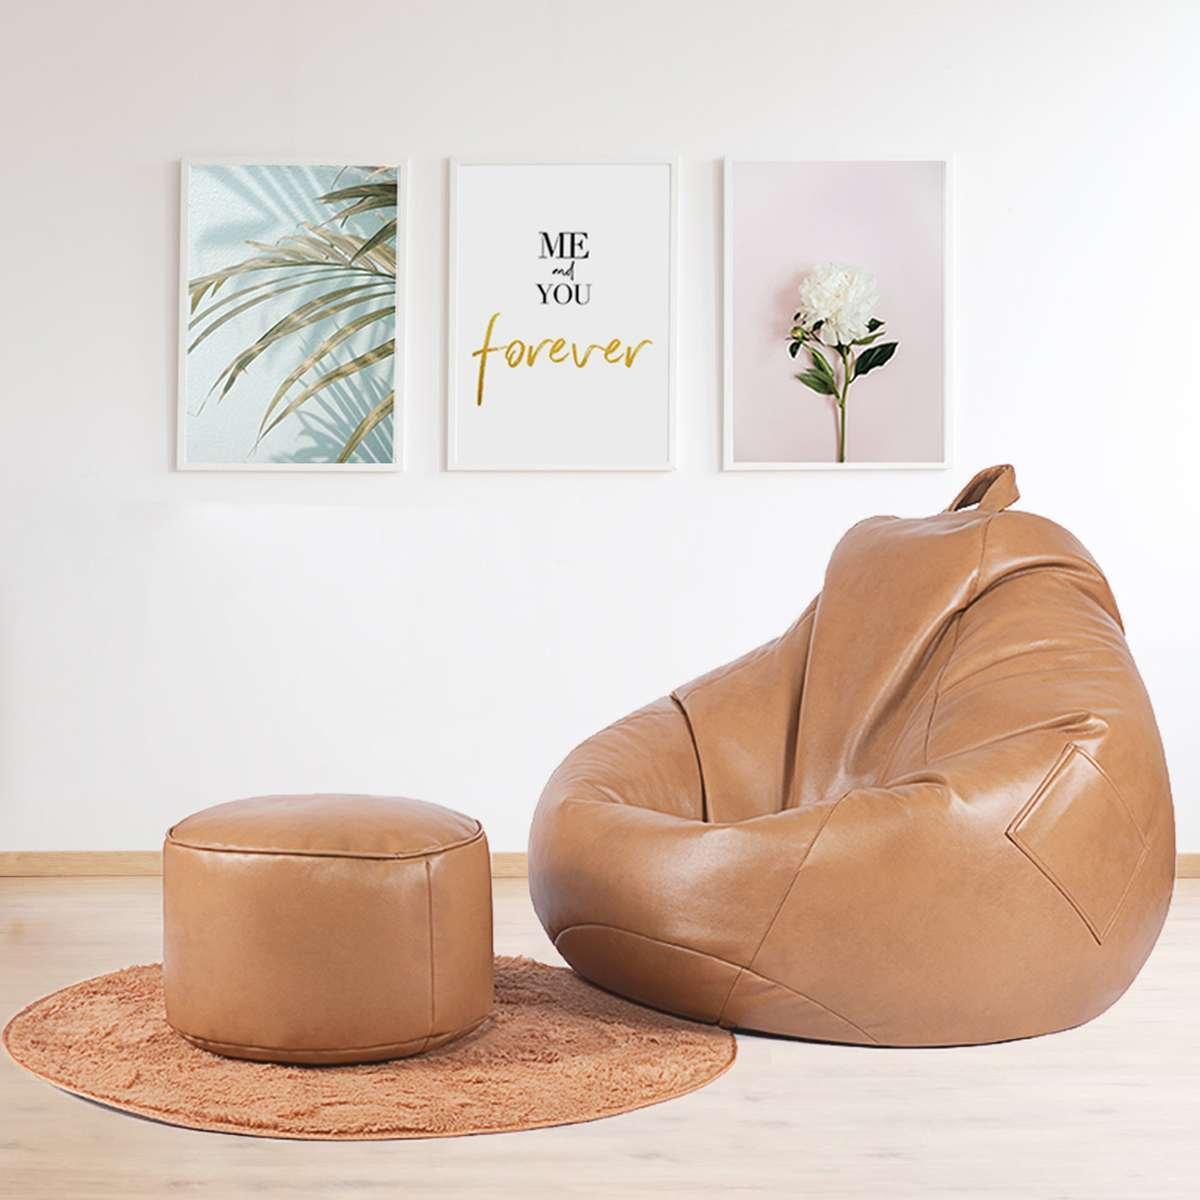 PU cuir pouf canapé couverture salon chambre canapé-lit paresseux Tatami pouf chaise maison loisirs simple canapé sans remplissage